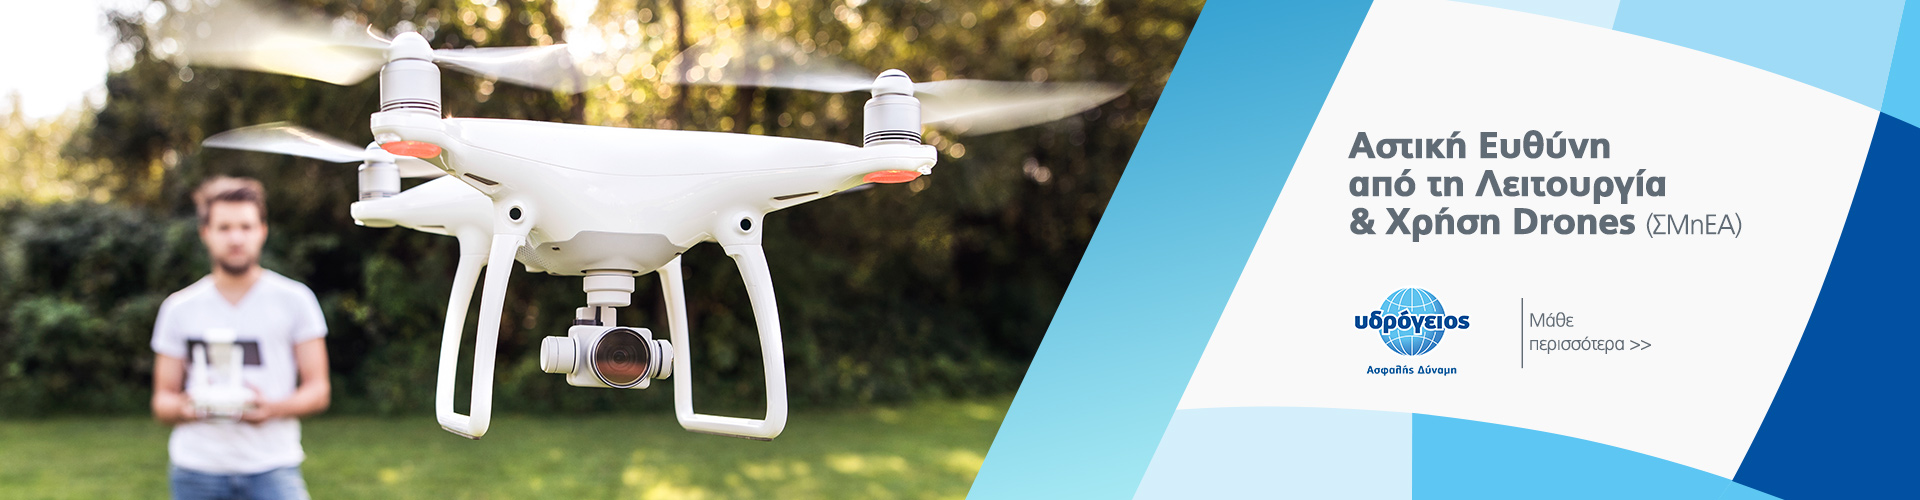 Slider-drone-1920x500-1